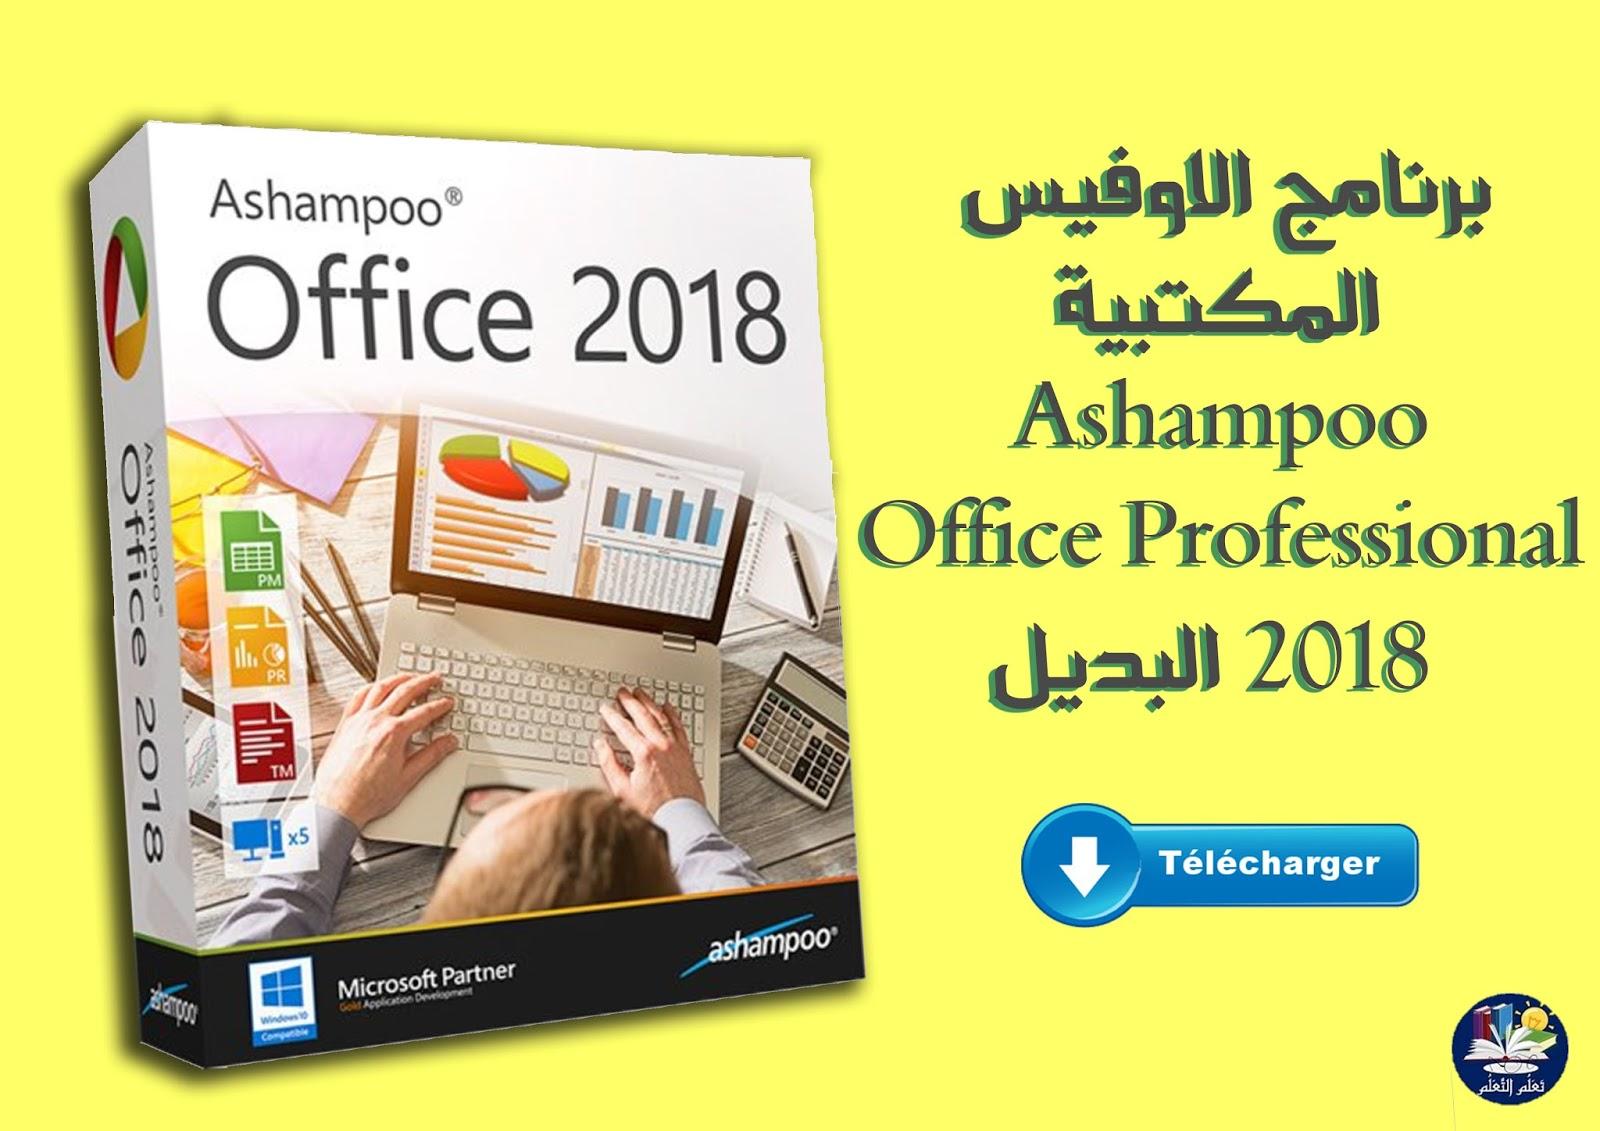 تَعَلُم التَعَلُم: برنامج, الاوفيس, المكتبية, Ashampoo ,Office ,Professional 2018 ,البديل